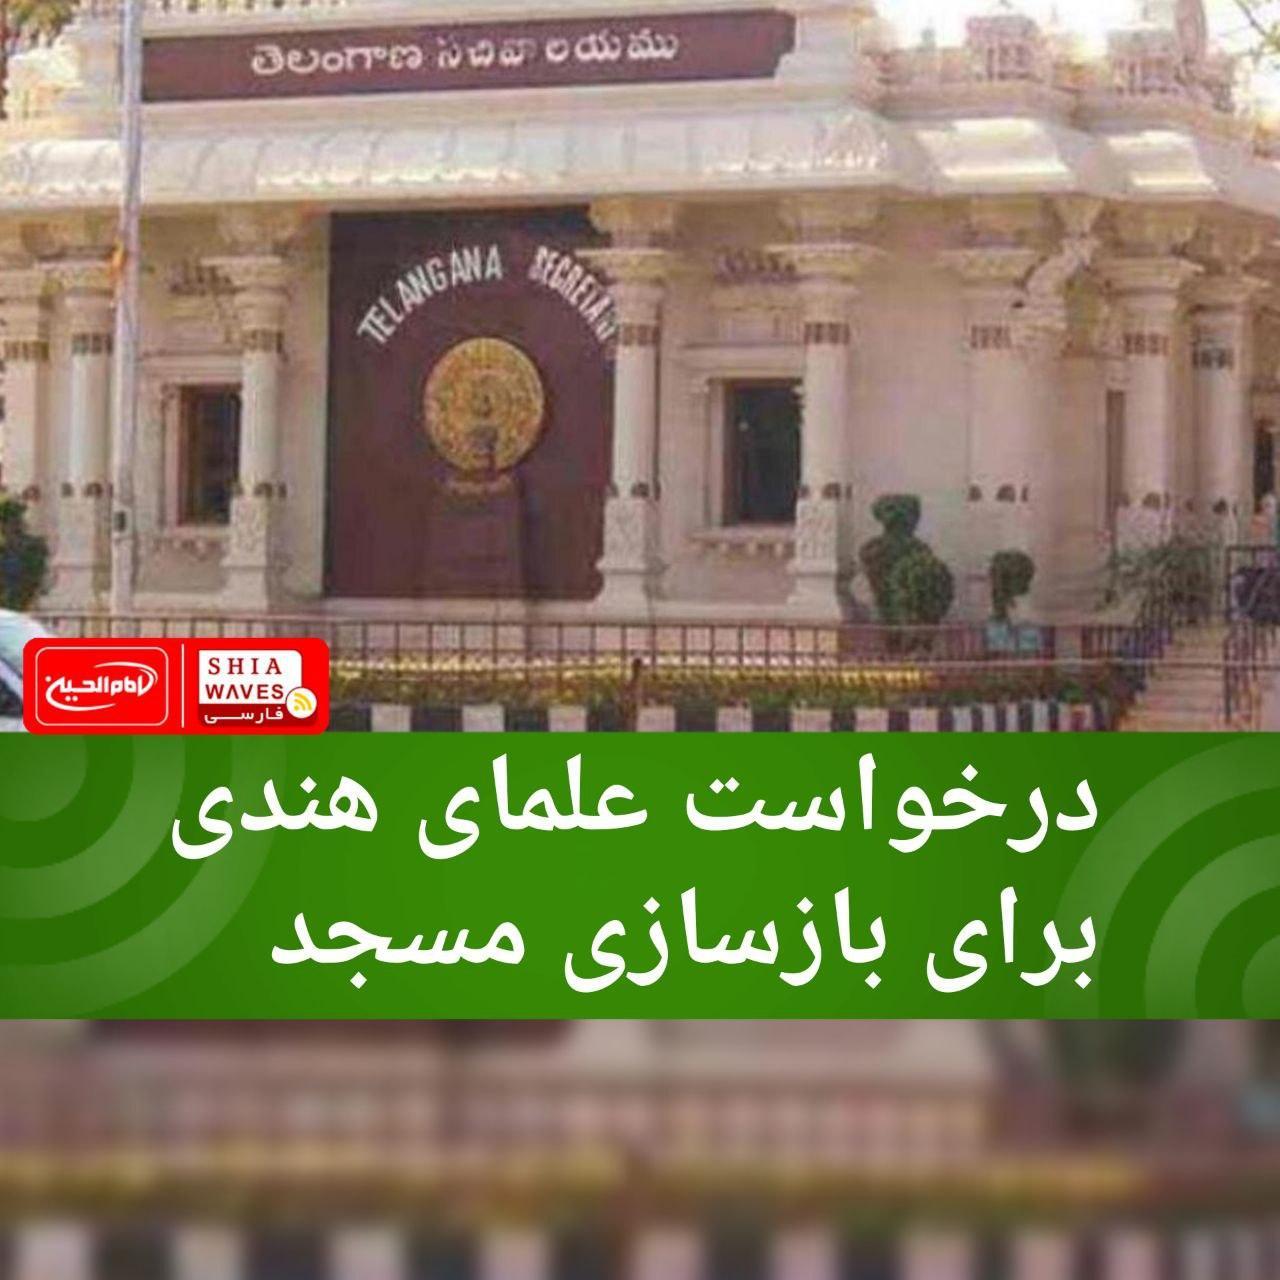 تصویر درخواست علمای هندی برای بازسازی مسجد